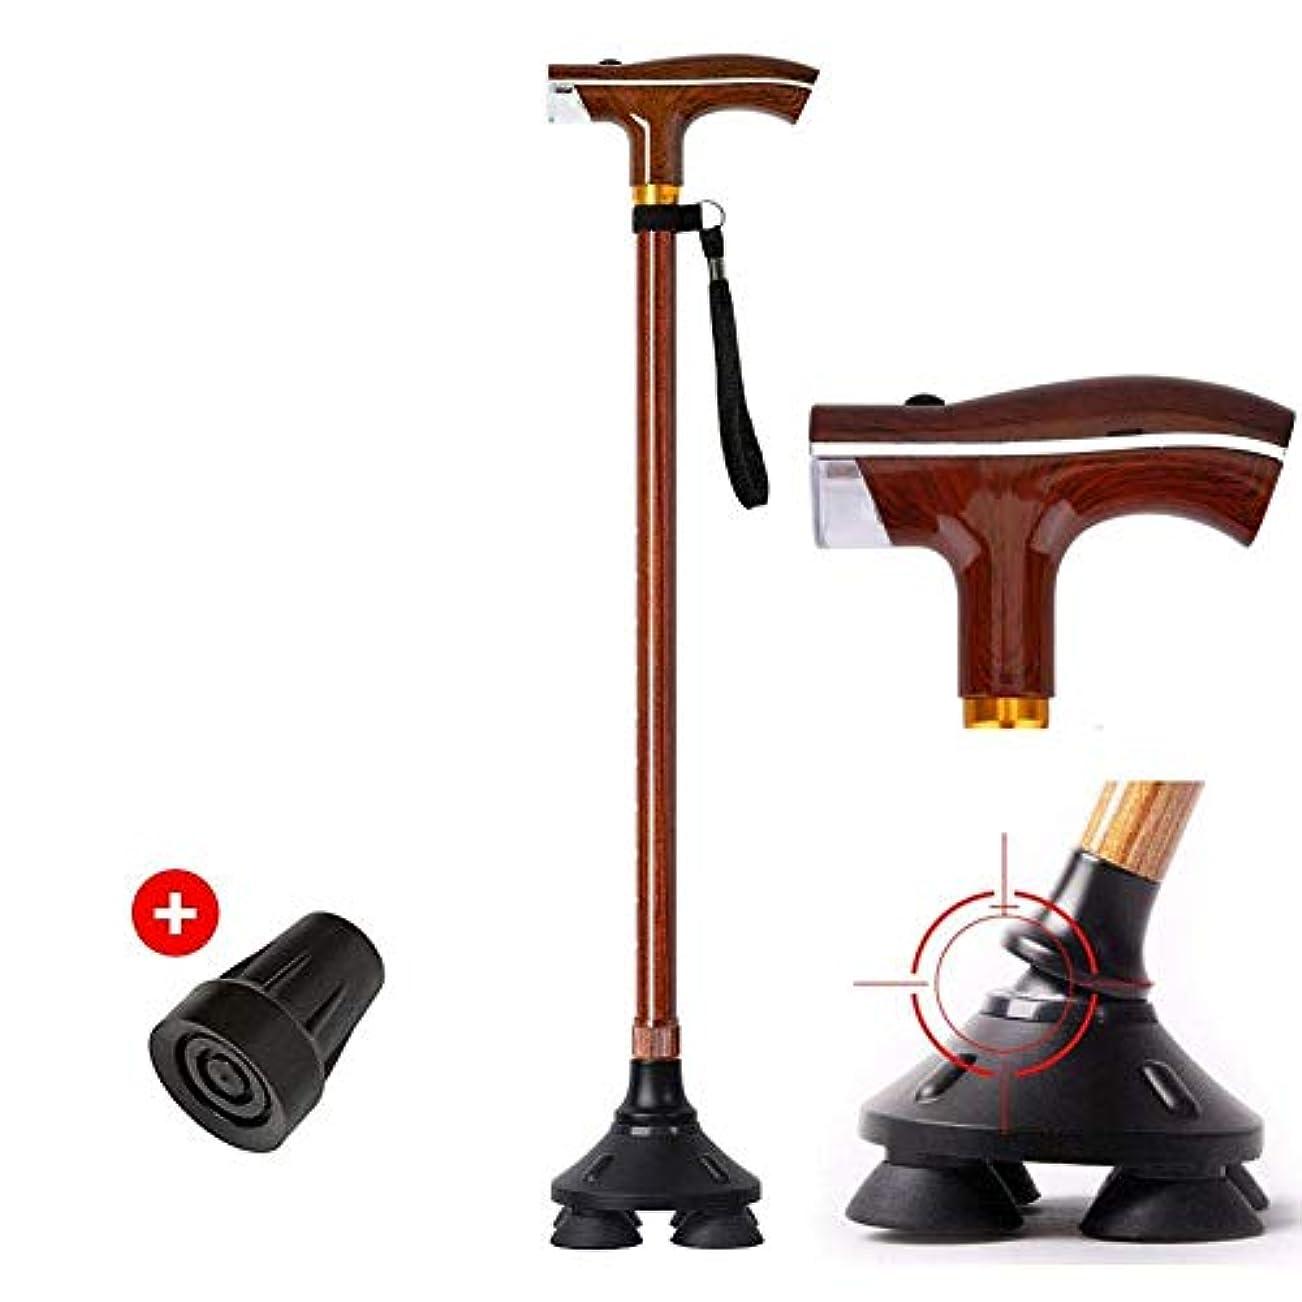 幽霊リンクエレクトロニック女性用男性用杖LEDライト付ウォーキングスティック10調節可能な高さレベル/ 4脚滑り止めベース高齢者身体障害者高齢者高齢者杖 (Color : Brown)